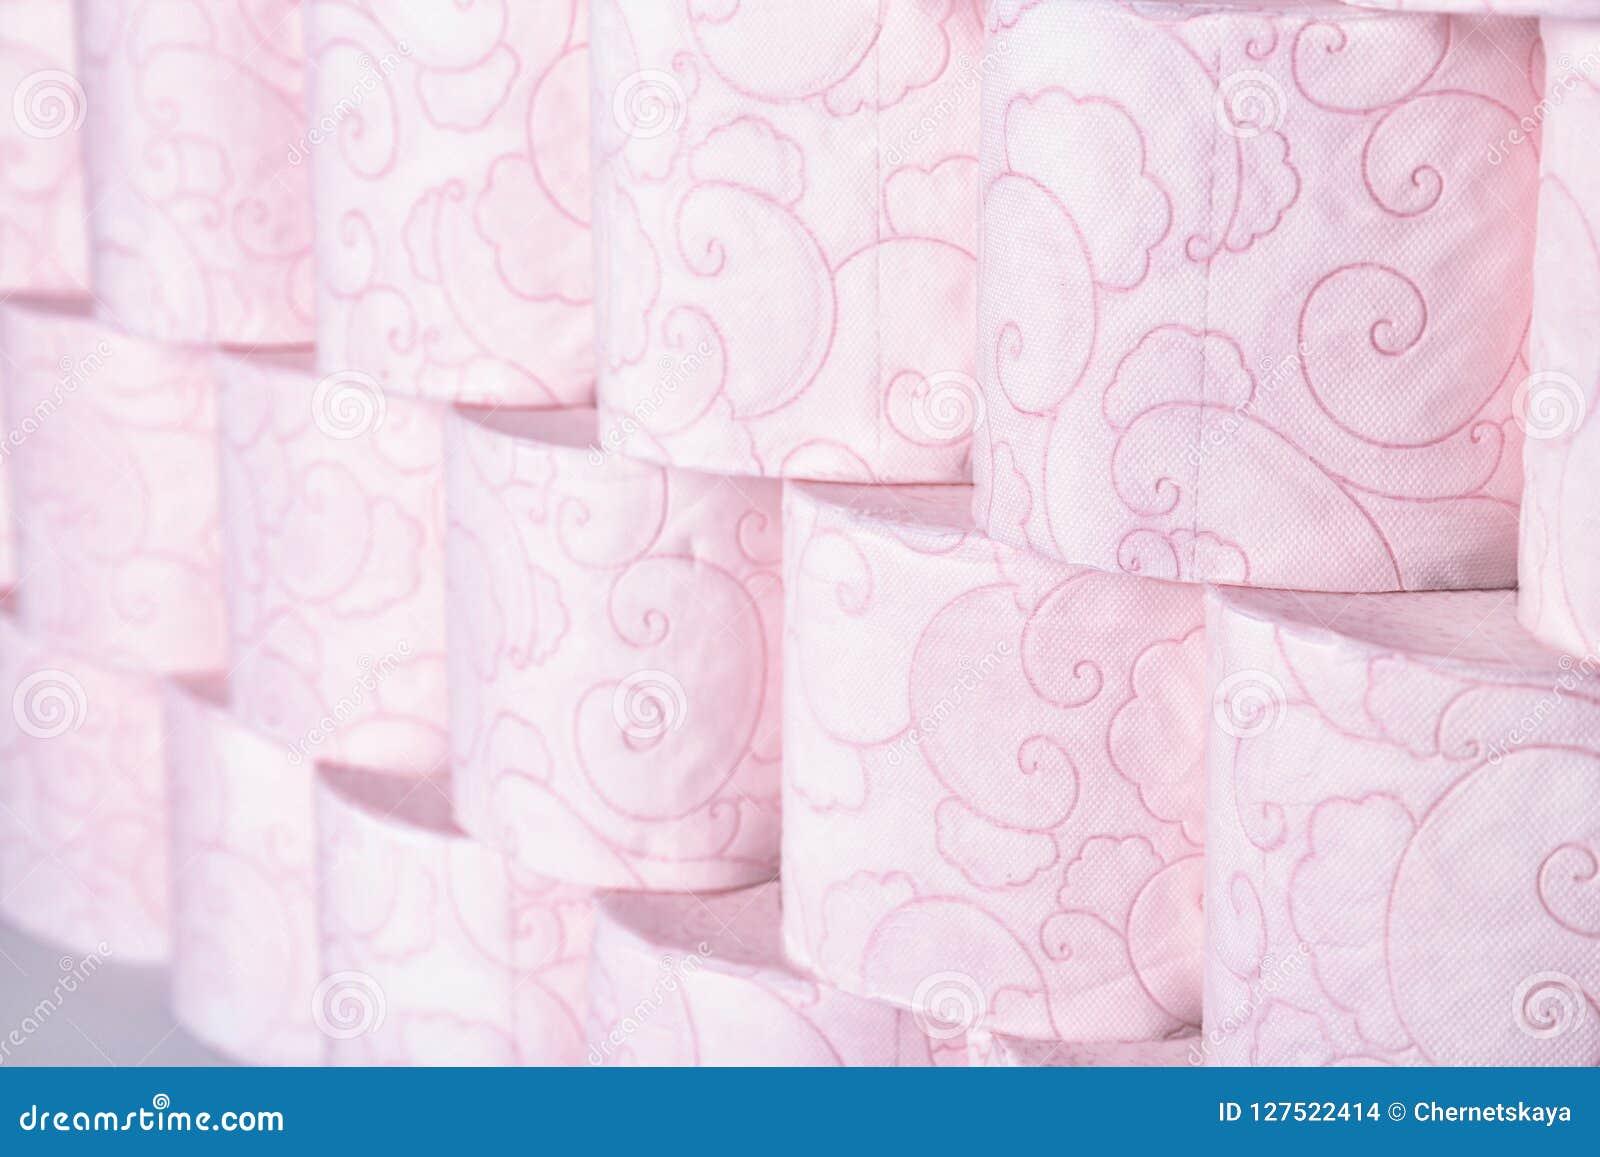 Wiele rolki papier toaletowy jako tło